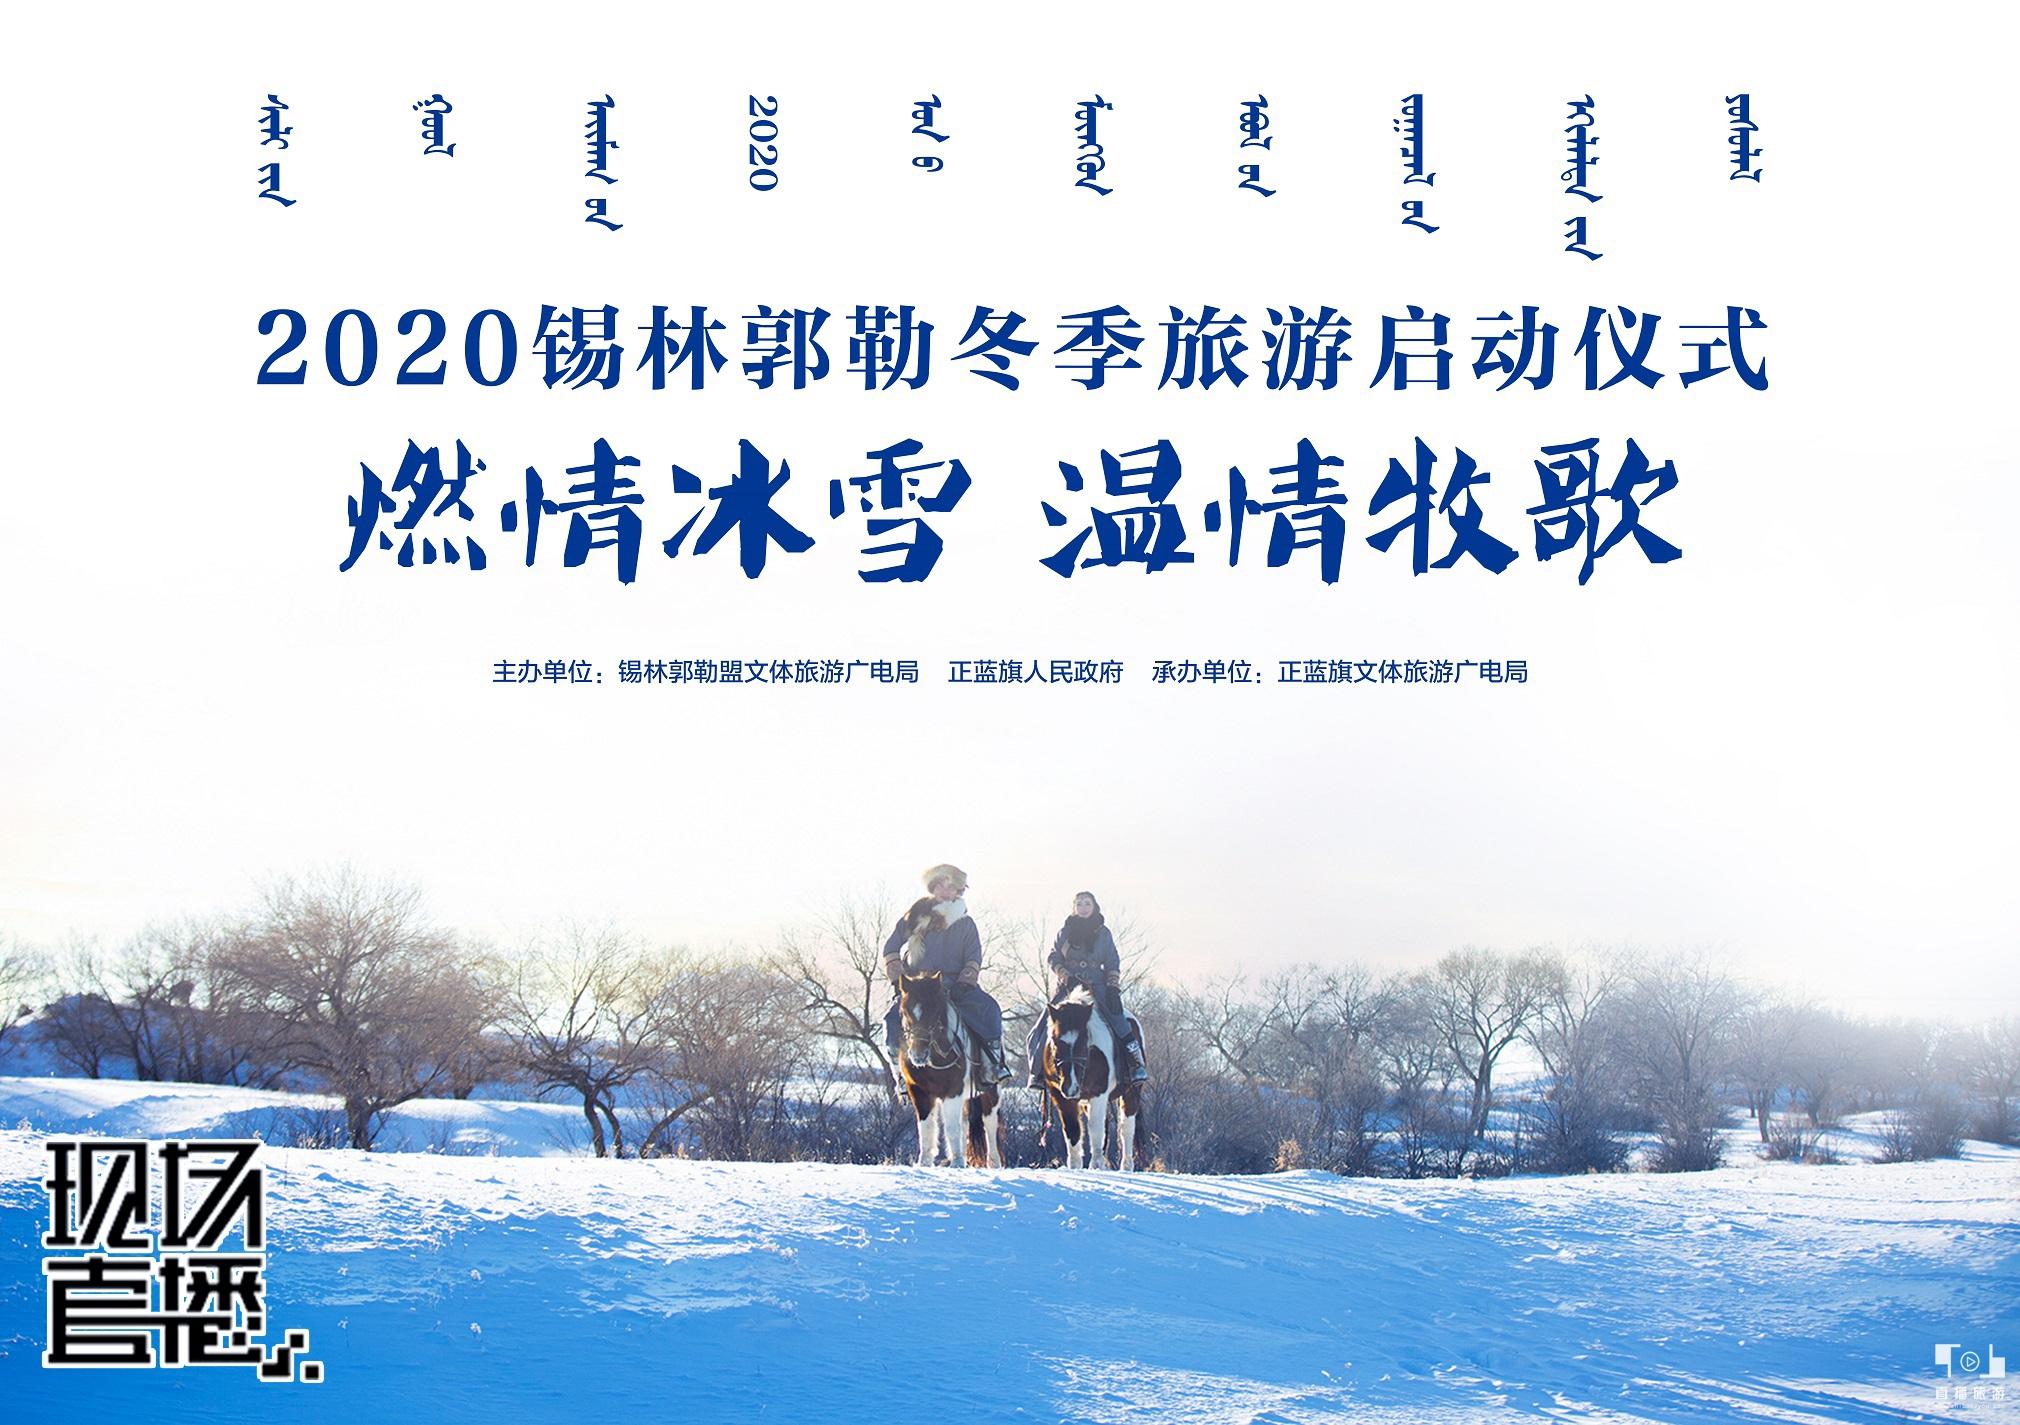 2020锡林郭勒冬季旅游启动仪式